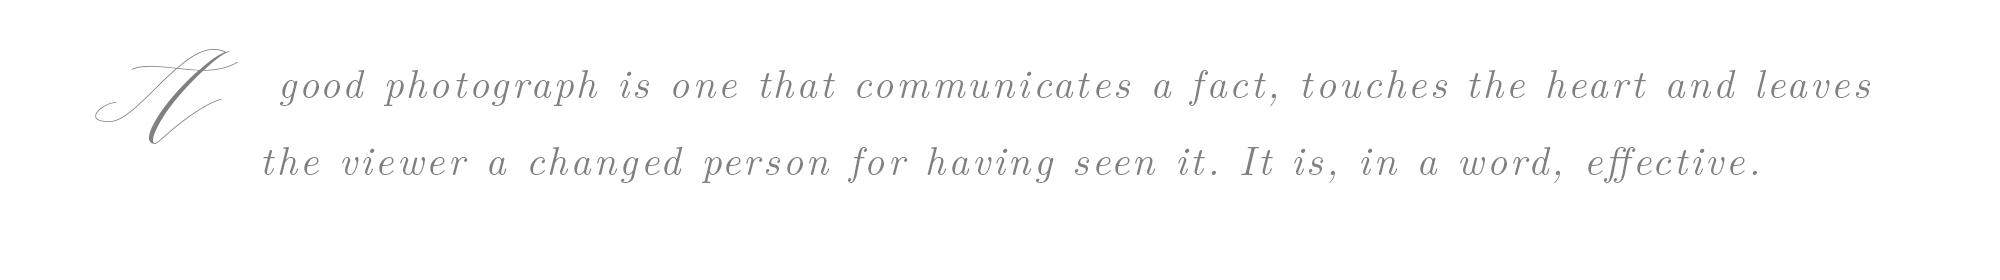 quote-1.jpg